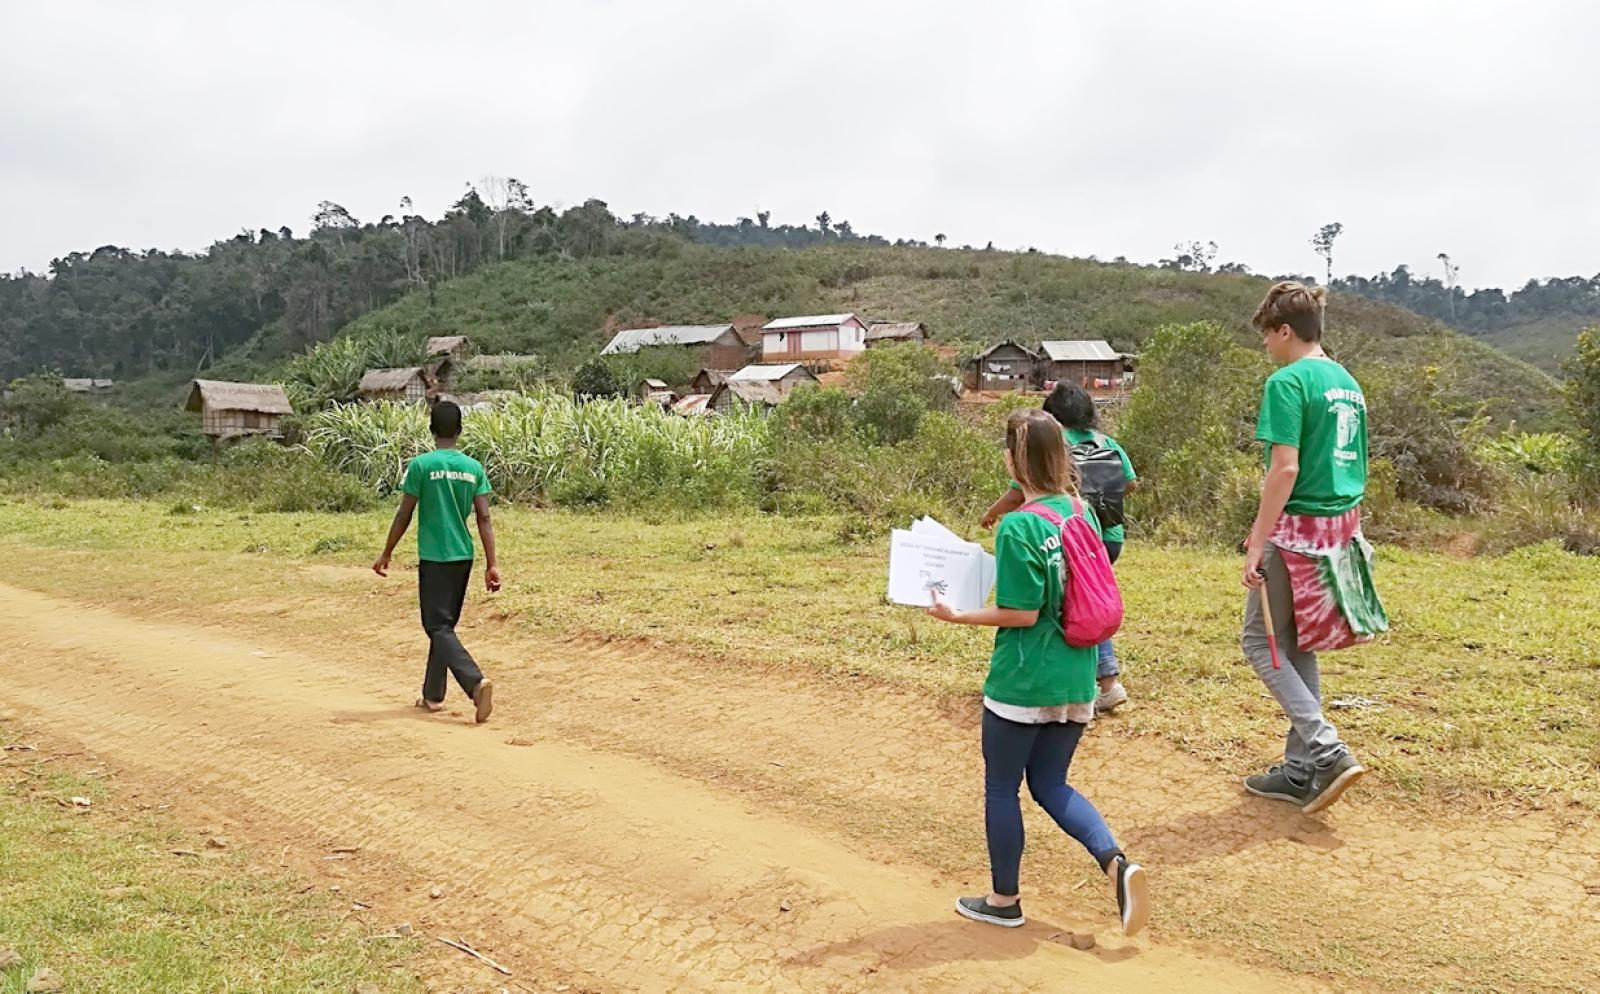 マダガスカルの田舎での公衆衛生活動に向かうインターンたち